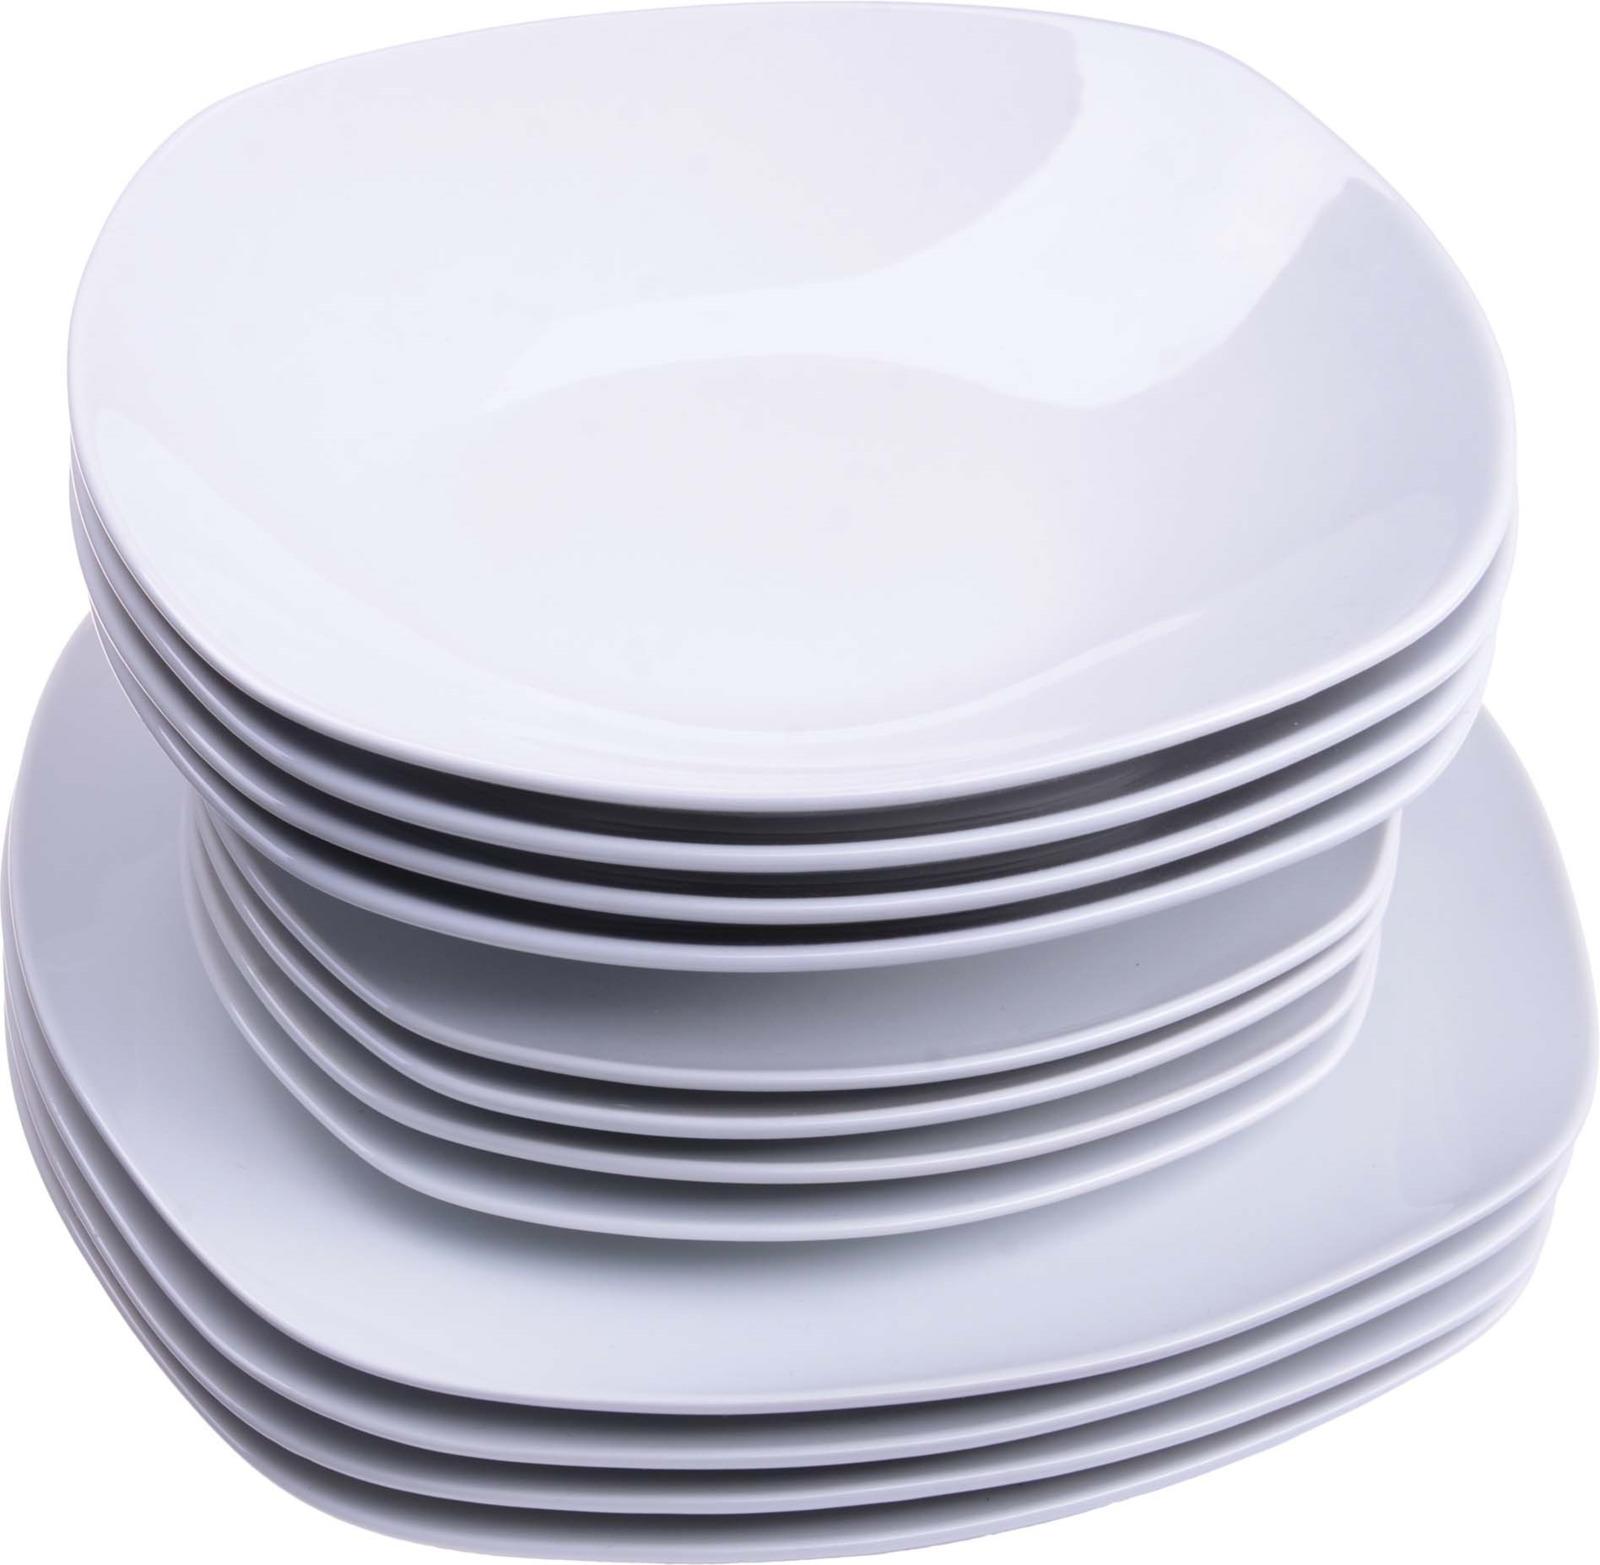 Сервиз обеденный Loraine, цвет: белый, 12 предметов